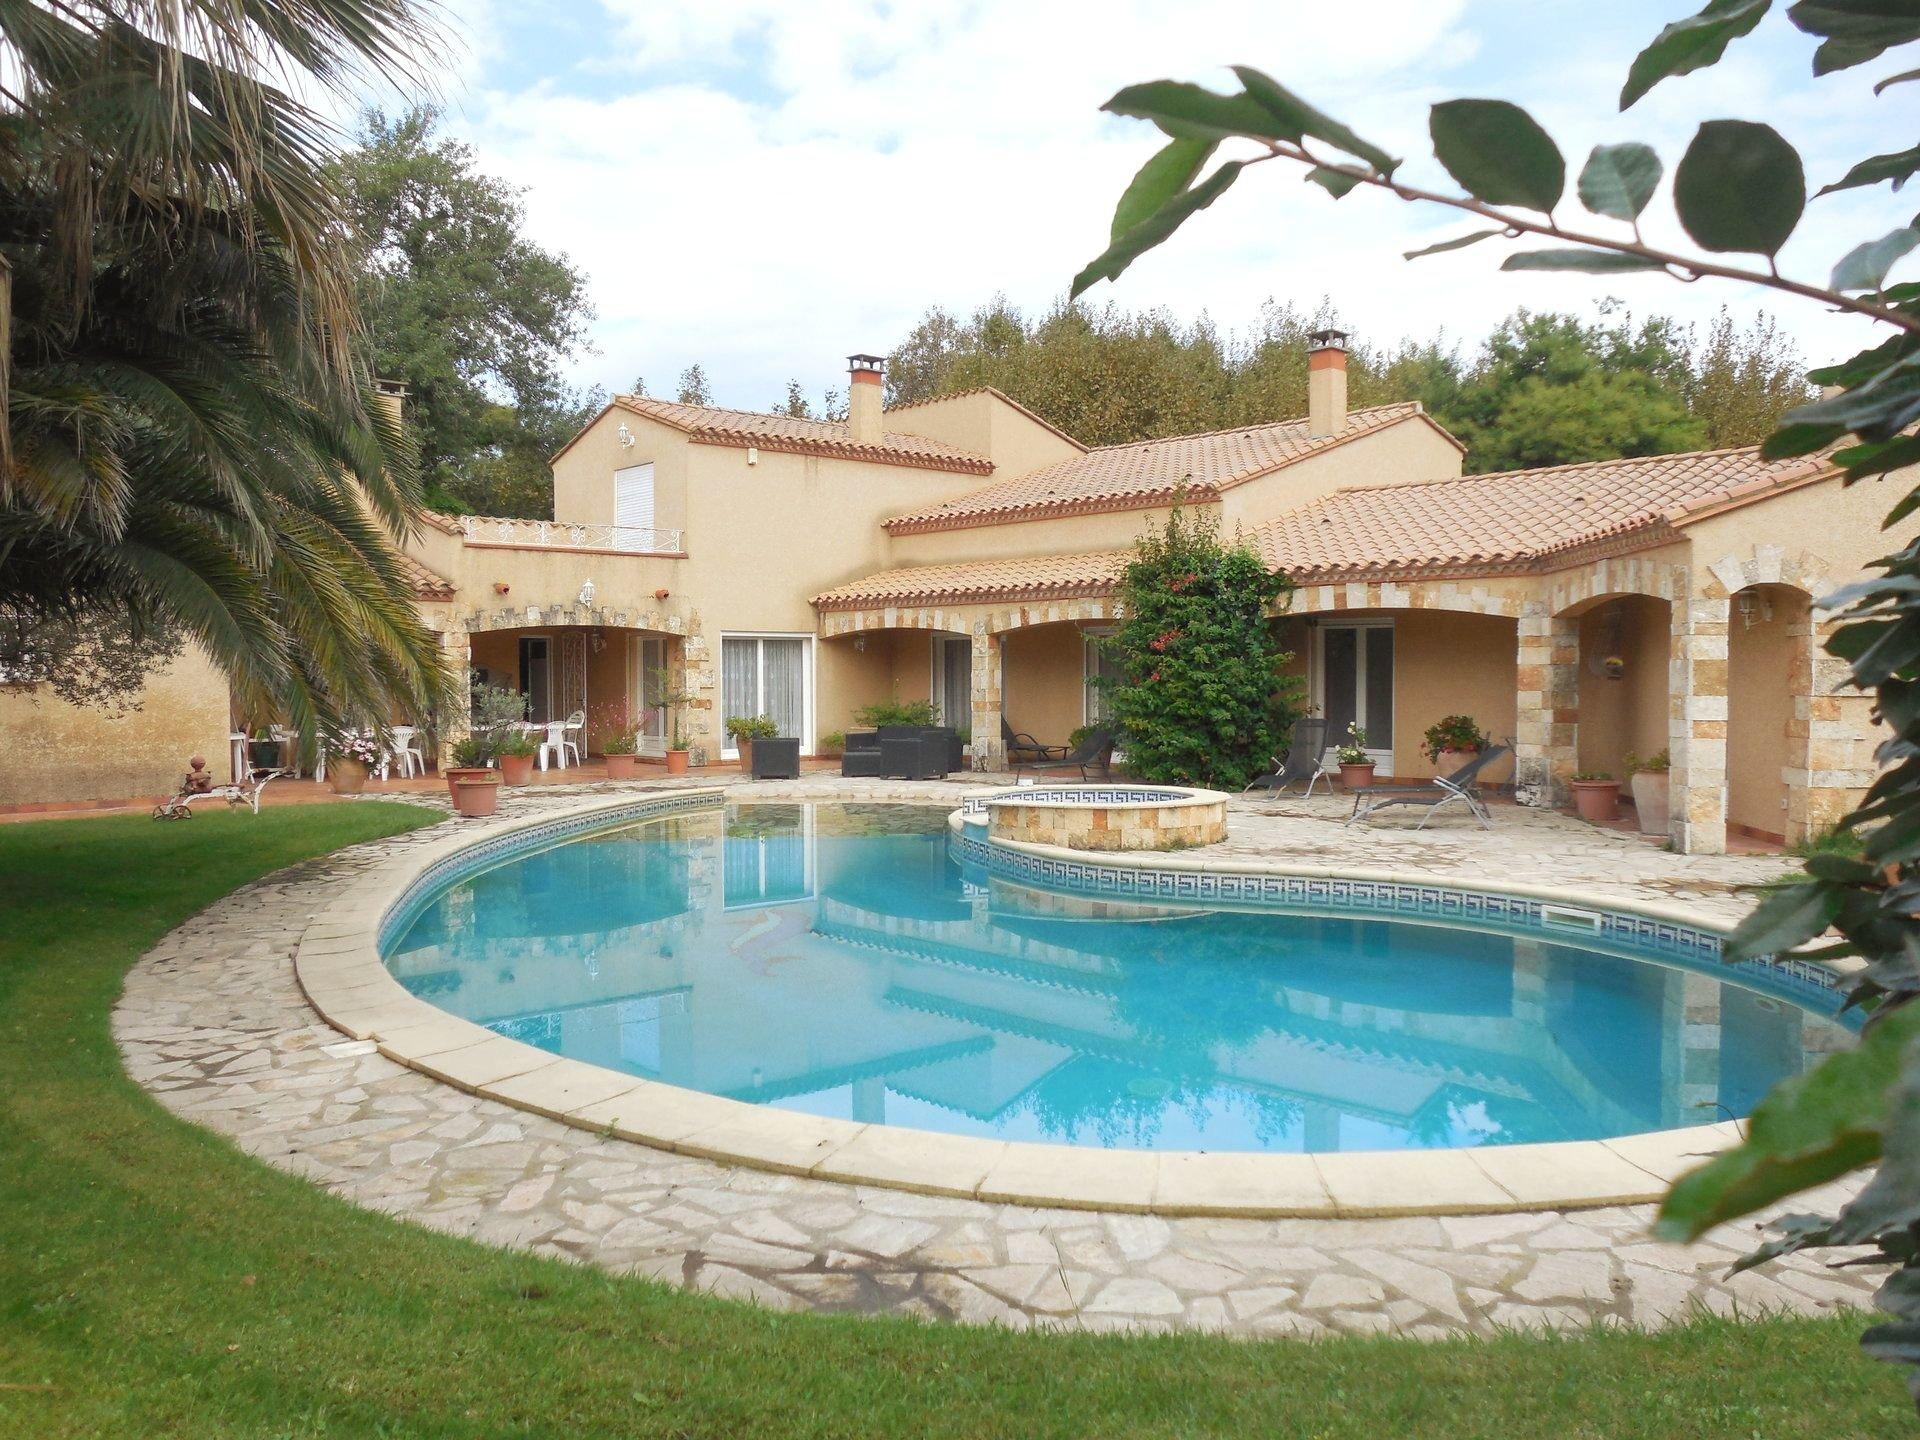 A vendre aux Capellans superbe villa T7 avec piscine